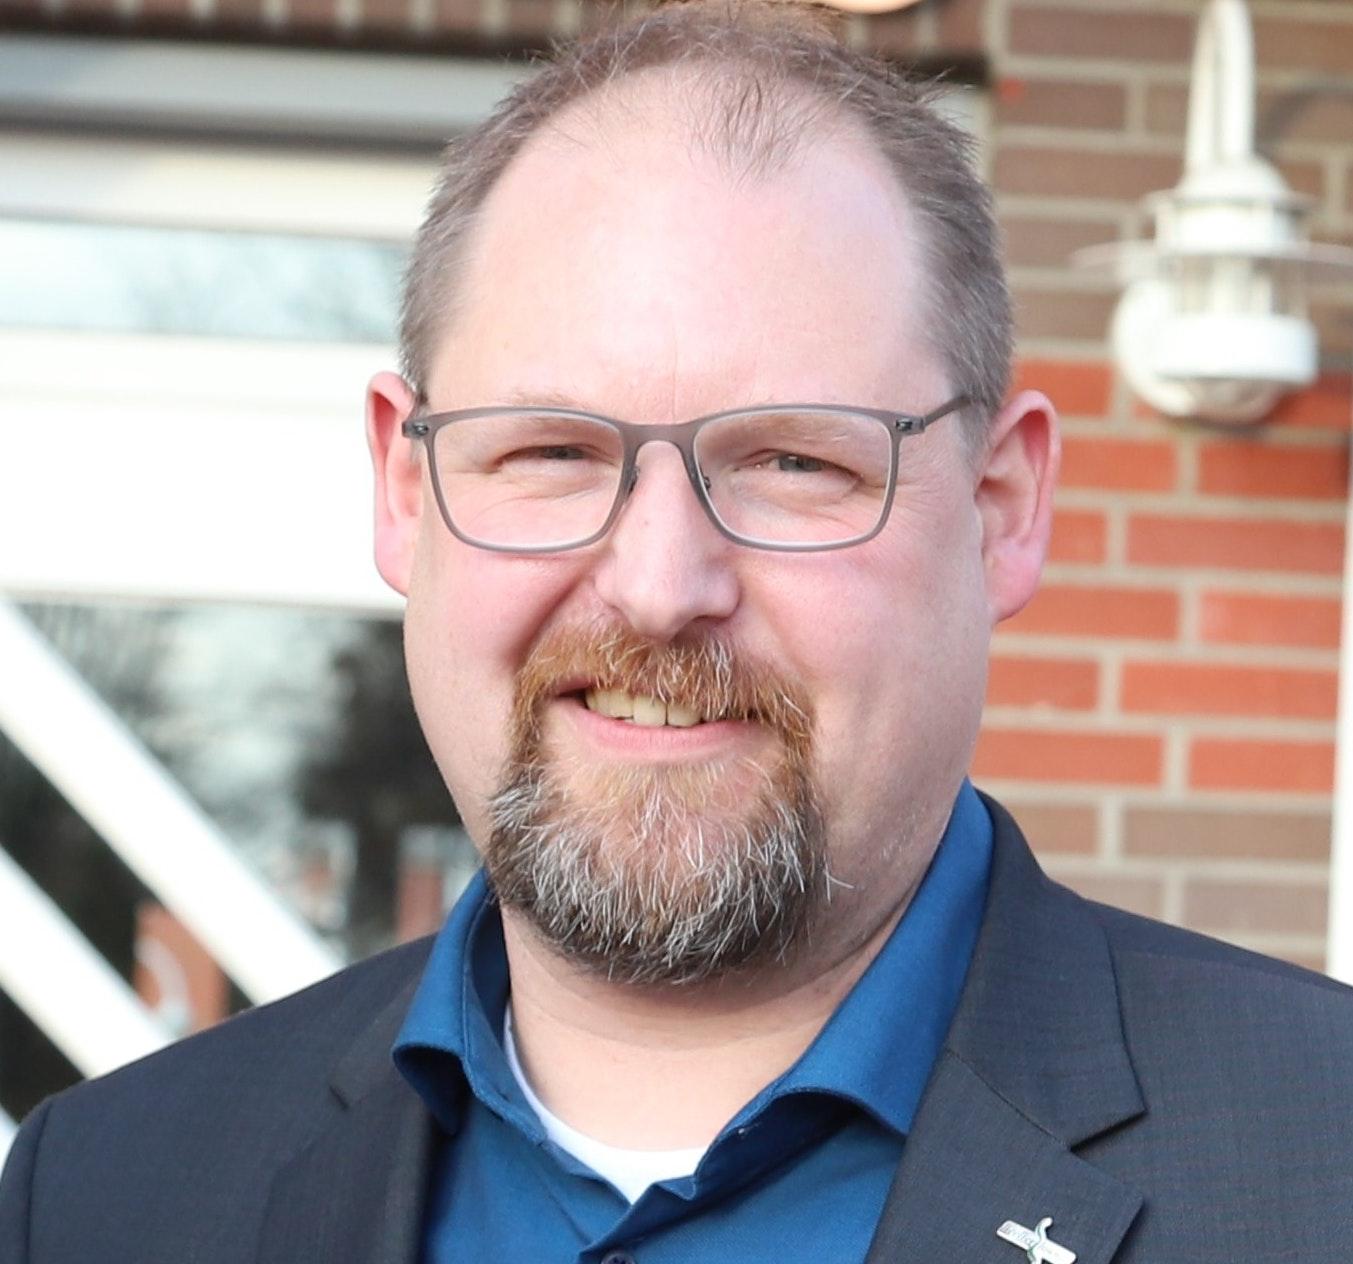 Thomas Otto kritisiertdie seiner Meinung nach unzureichende Beteiligung der Räte an den C-Port-Projekten. Foto: Passmann